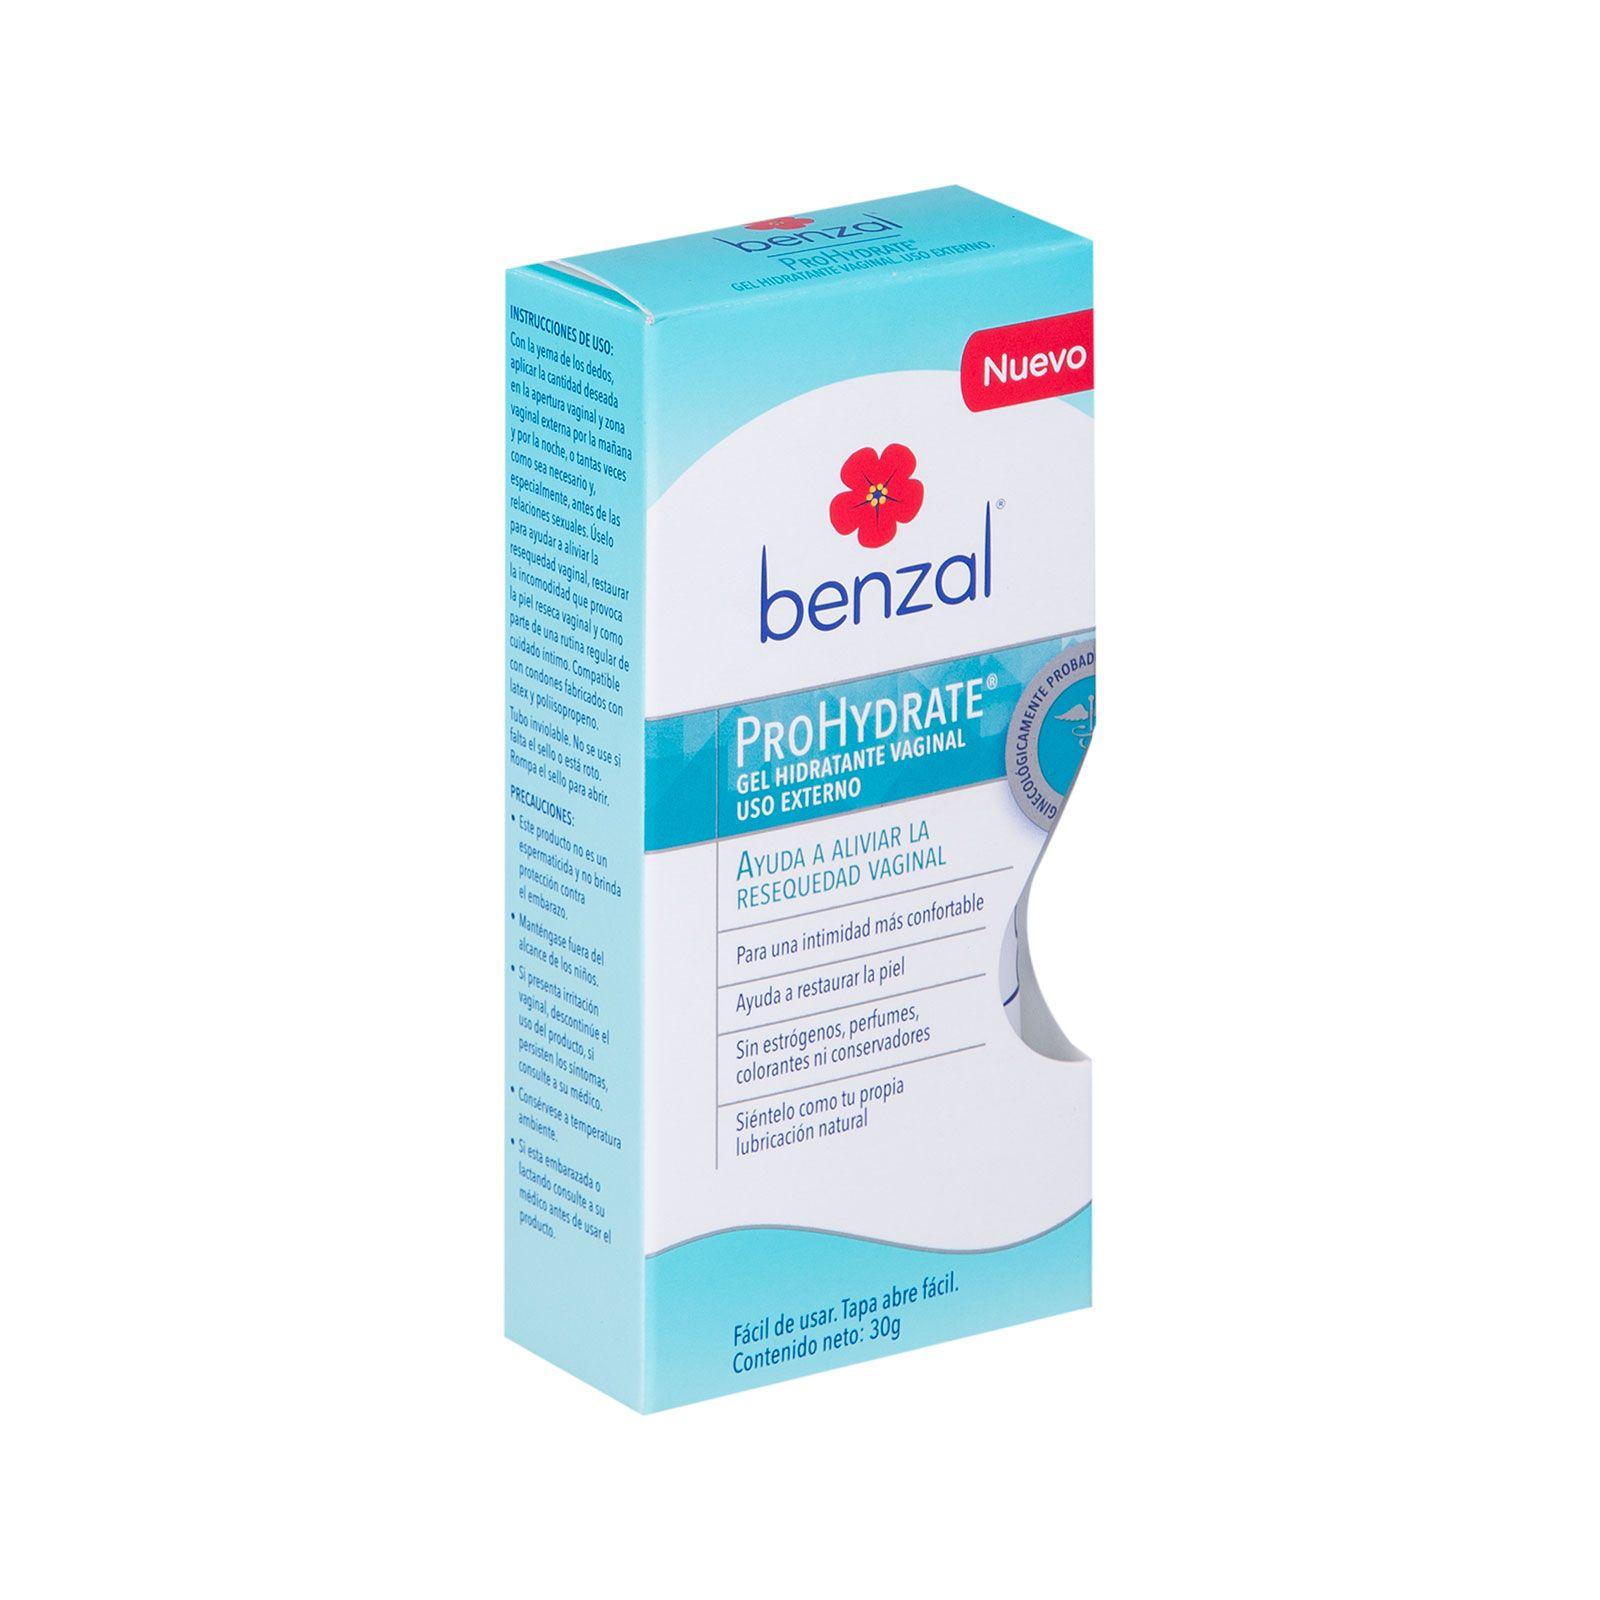 Comprar Benzal Vag Lubric Intimo Prohydrate Tub 1 Tubo Gel 30 Gr